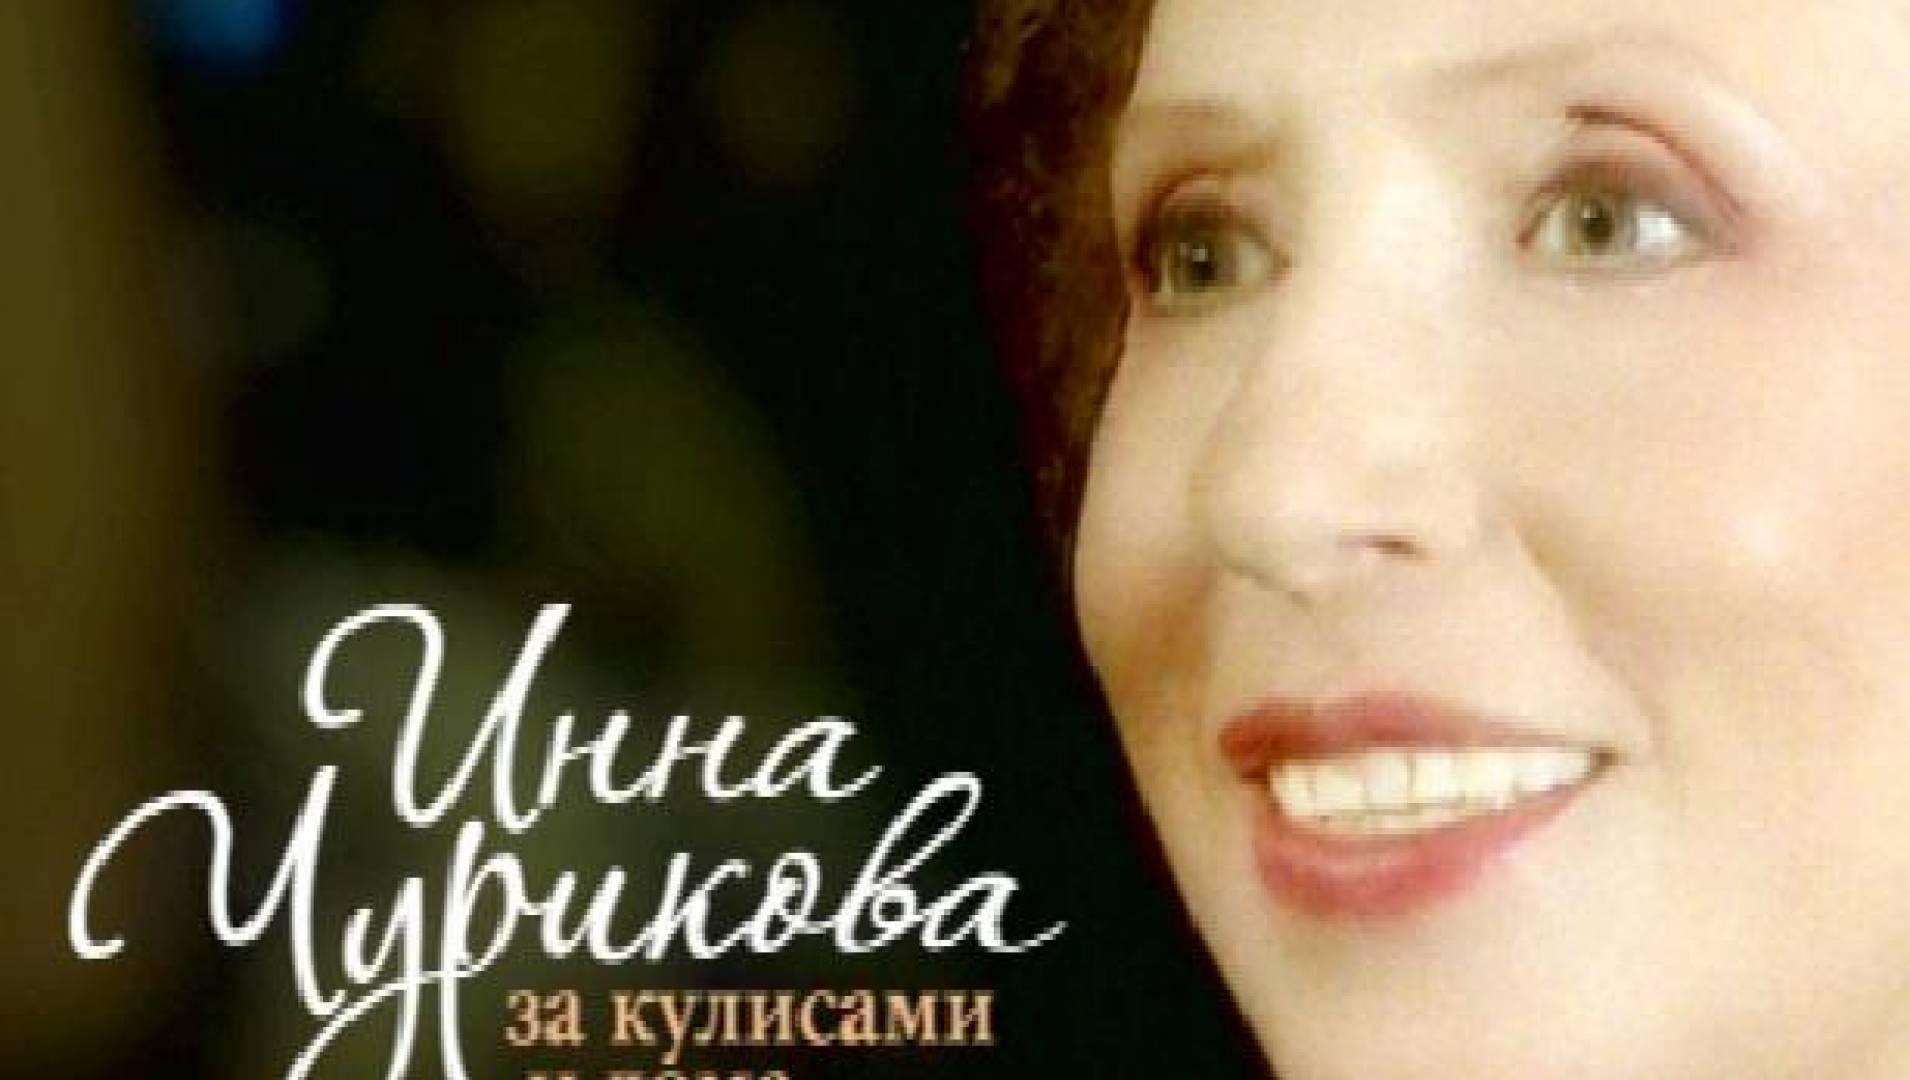 Инна Чурикова. Закулисами идома - Документальный фильм